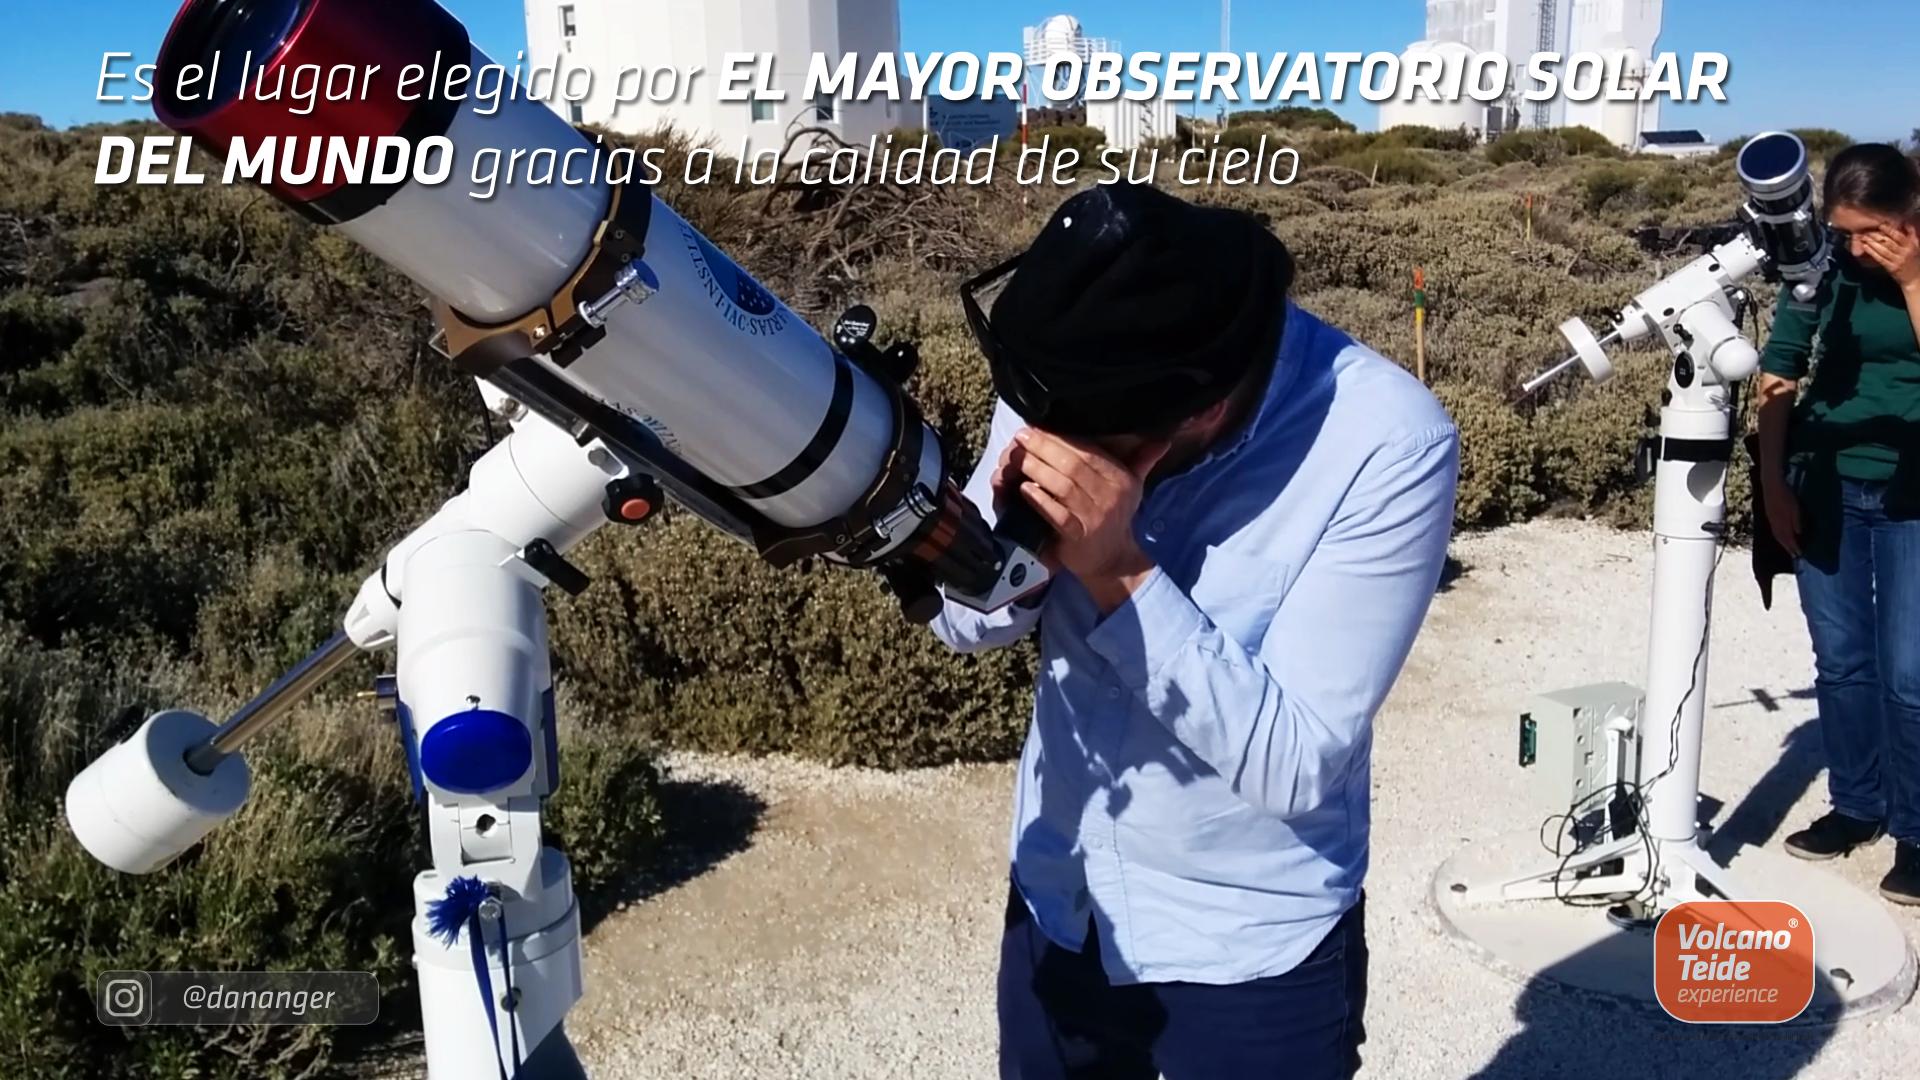 ¿Cómo se puede visitar el Observatorio del Teide?